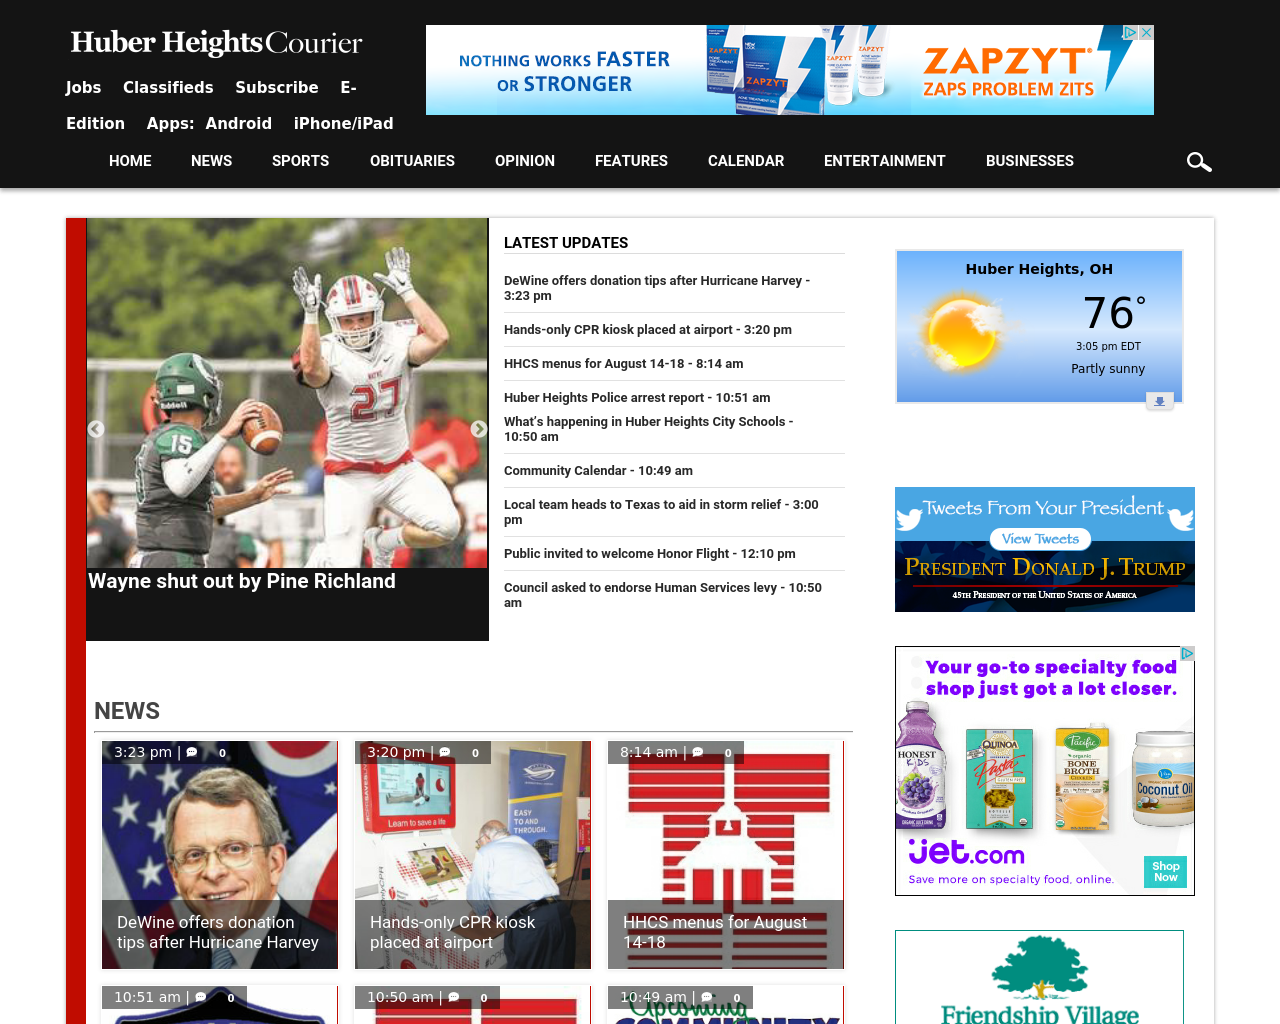 Hhcourier.com-Advertising-Reviews-Pricing